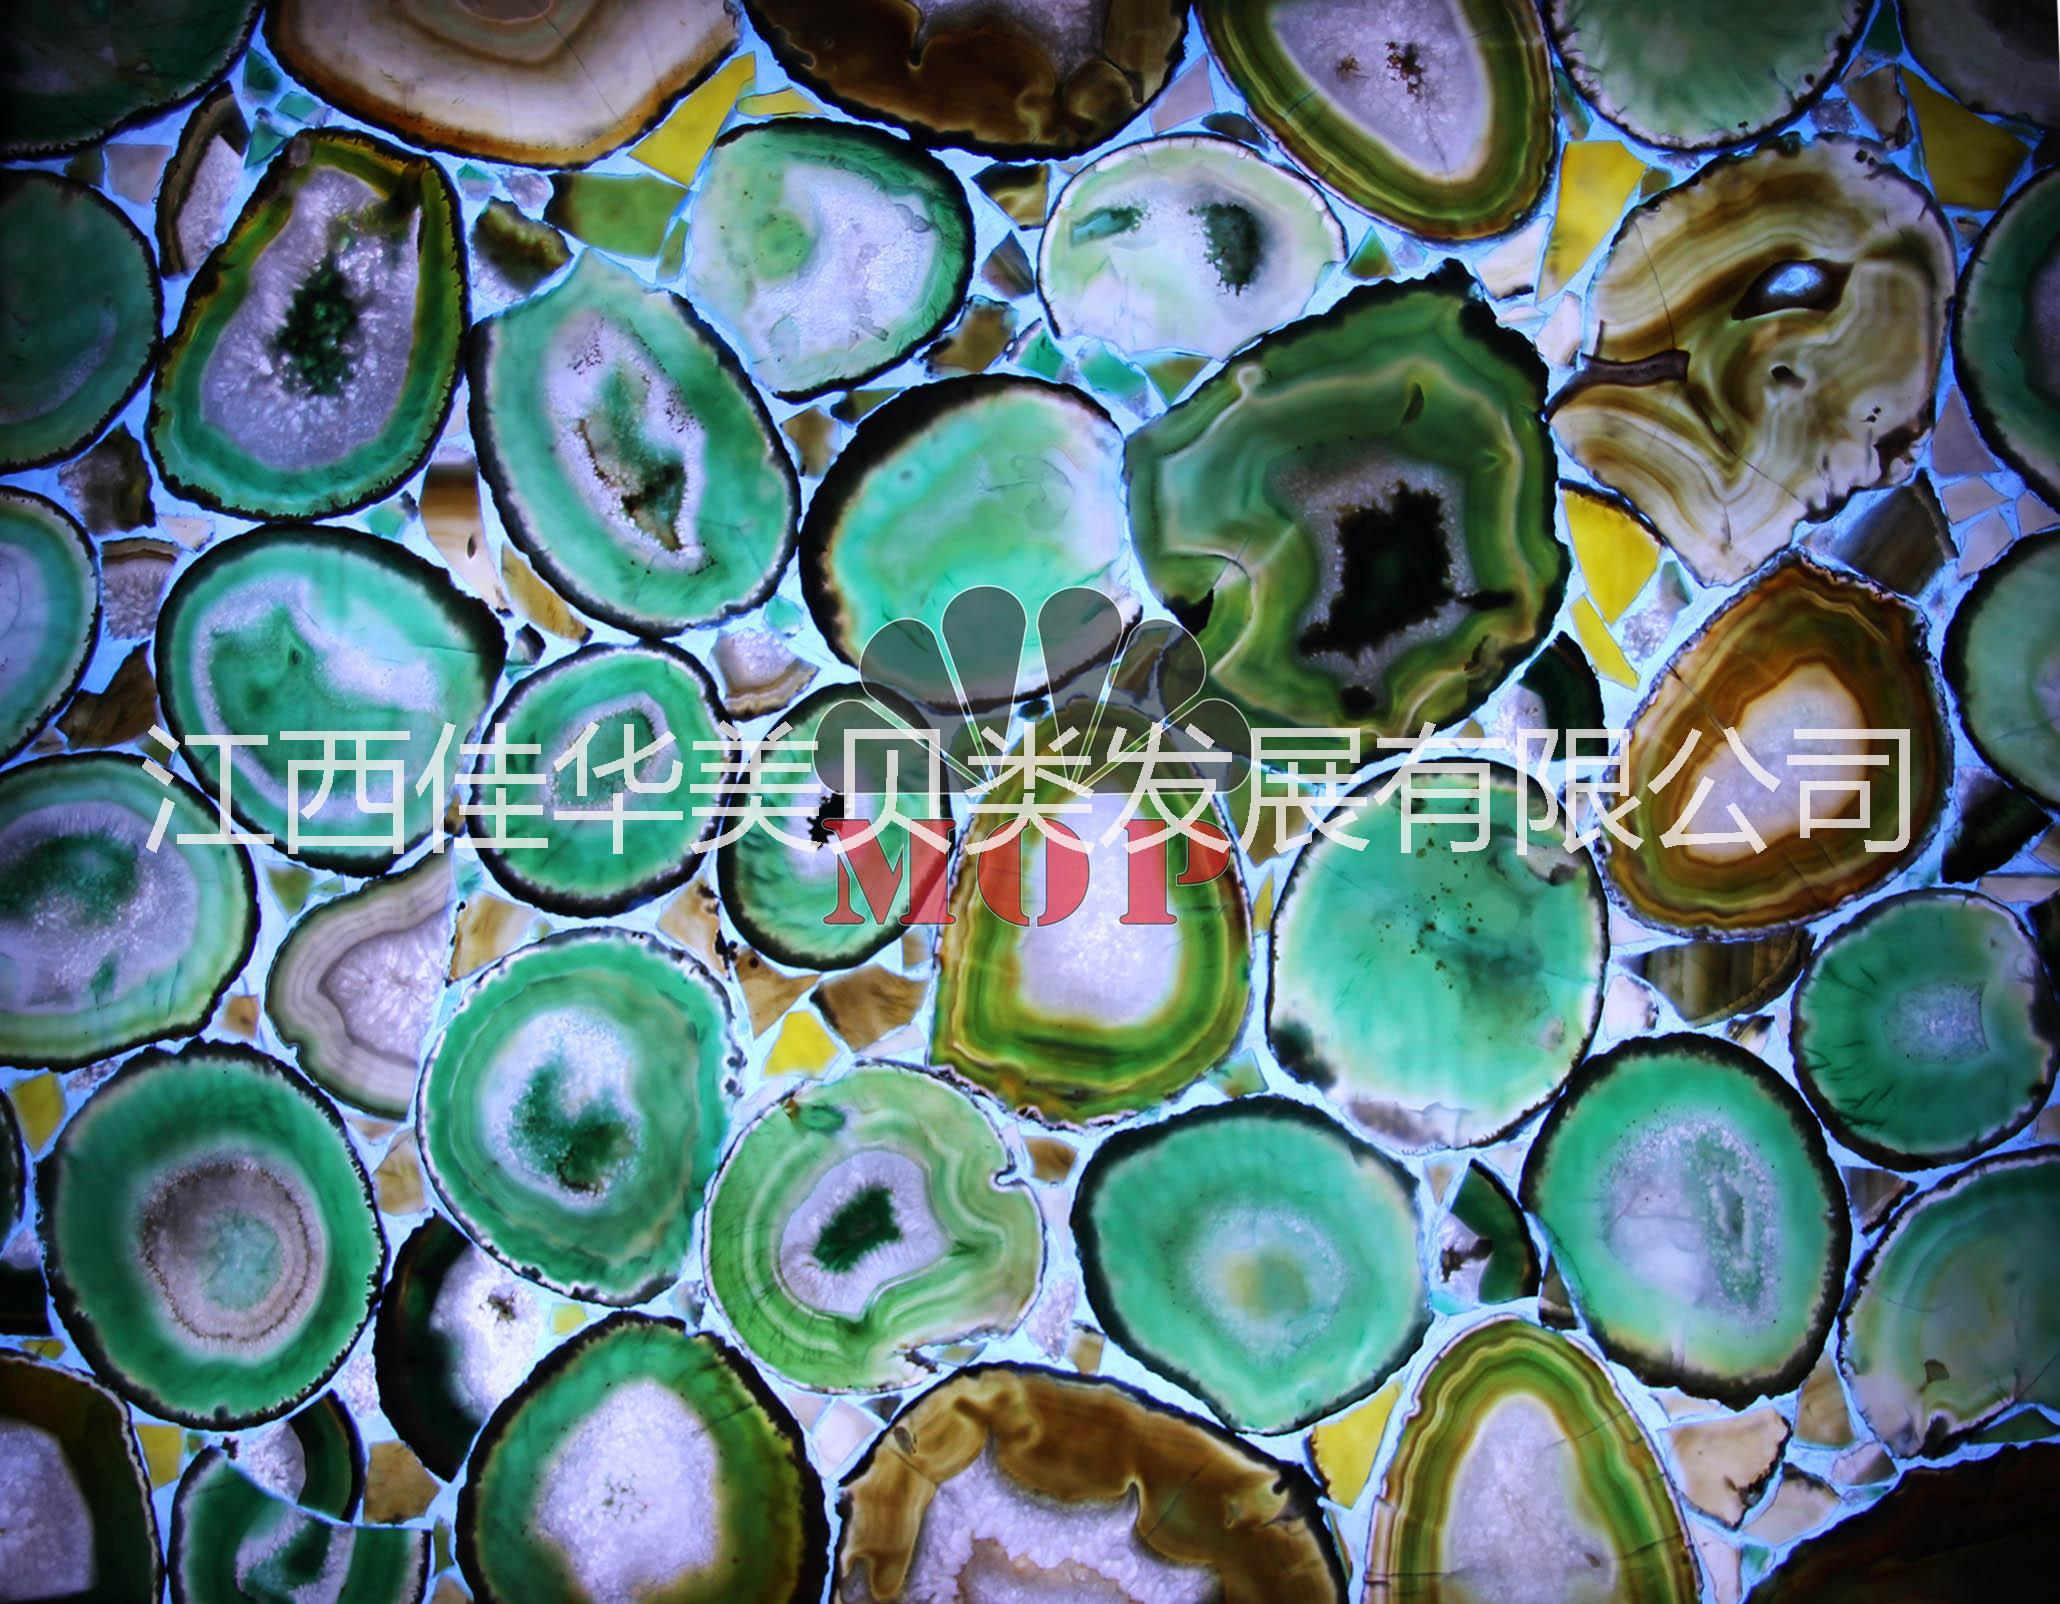 供应天然宝石板,复合板蓝绿色玛瑙透